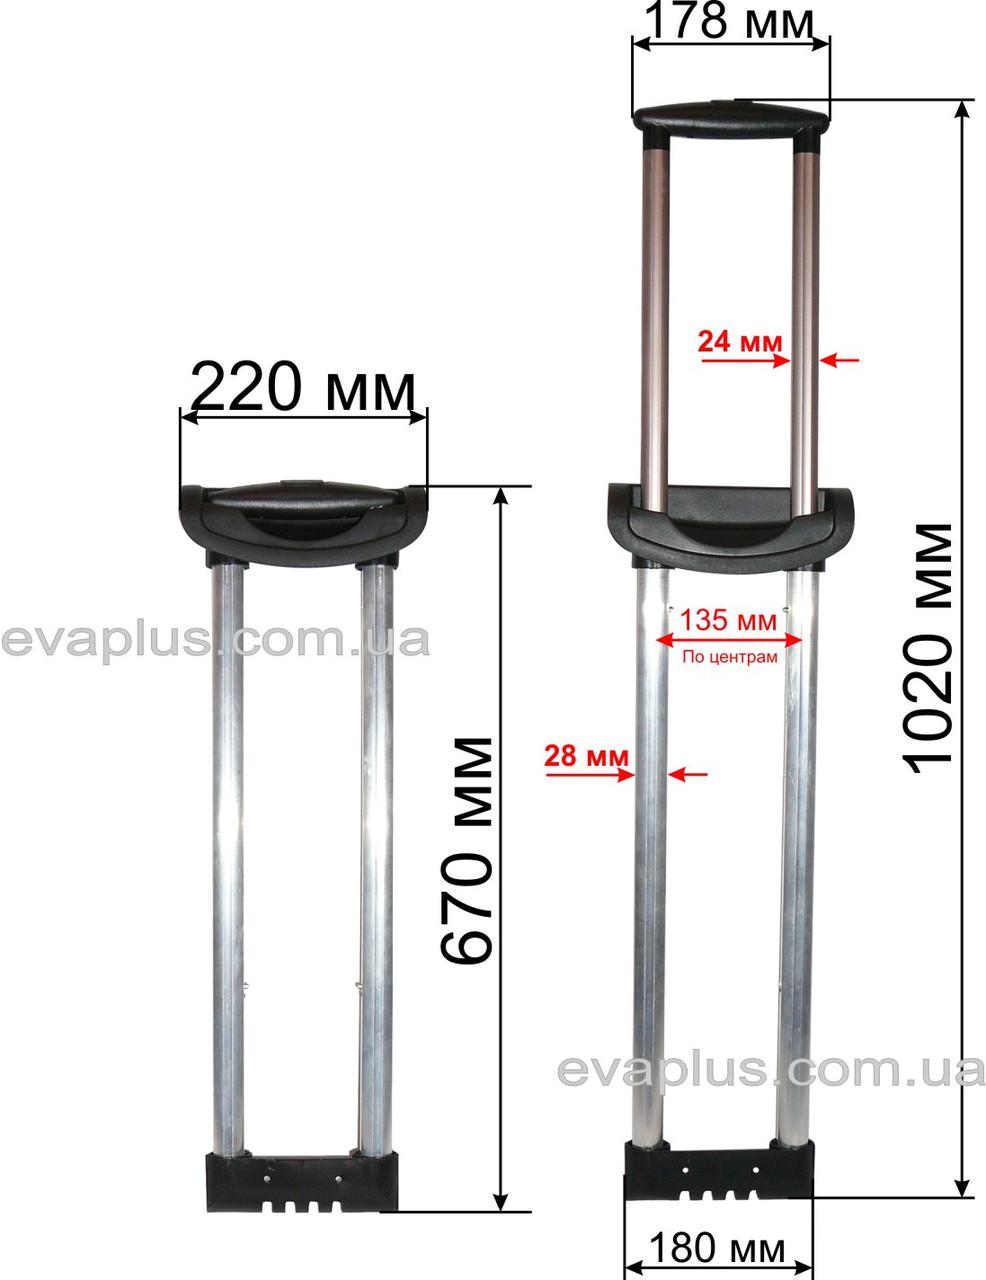 Выдвижная система М07 (67 см)(усиленная) внутренняя